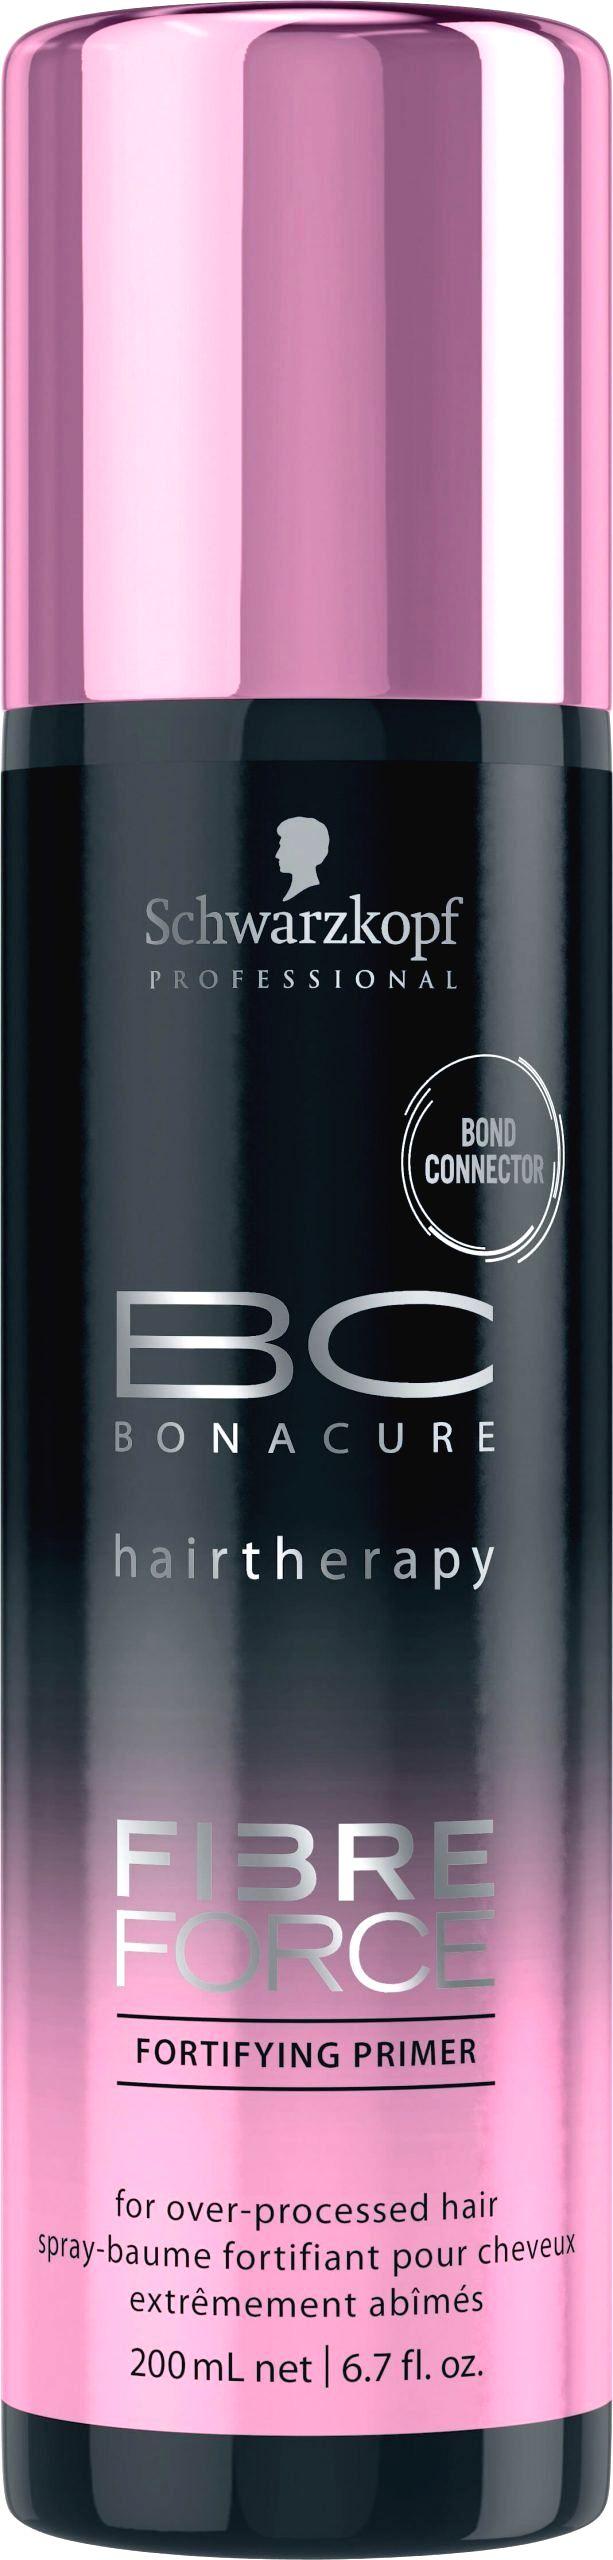 Schwarzkopf Professional Bezoplachový posilňujúci kondicionér pre poškodené vlasy Fibre Force (Fortifying Primer) 200 ml